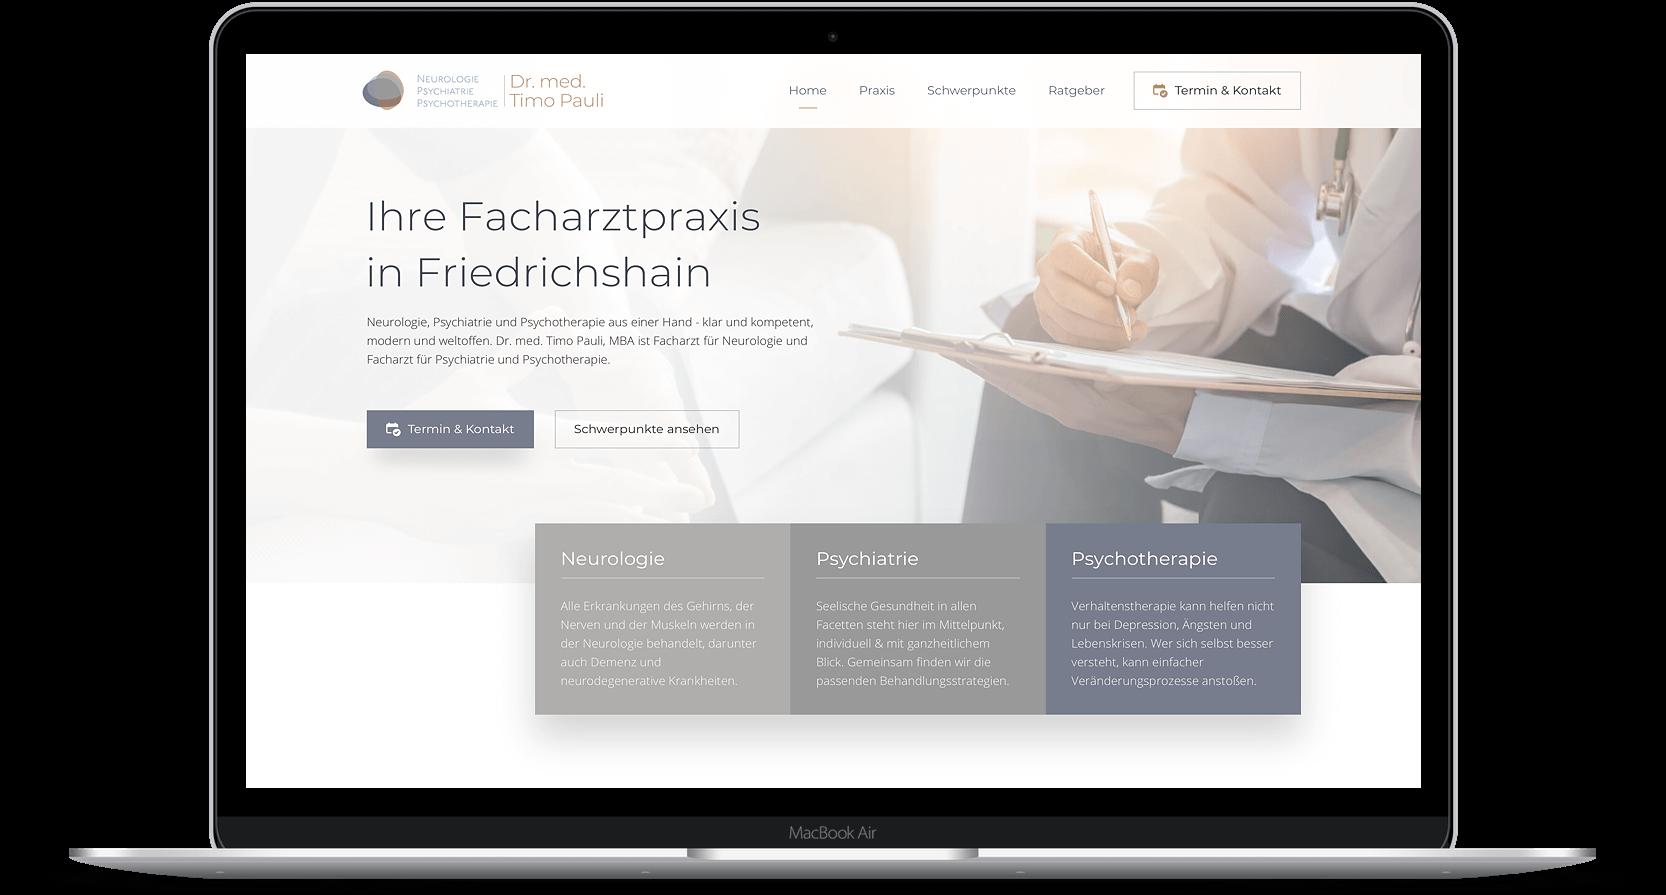 website-macbook